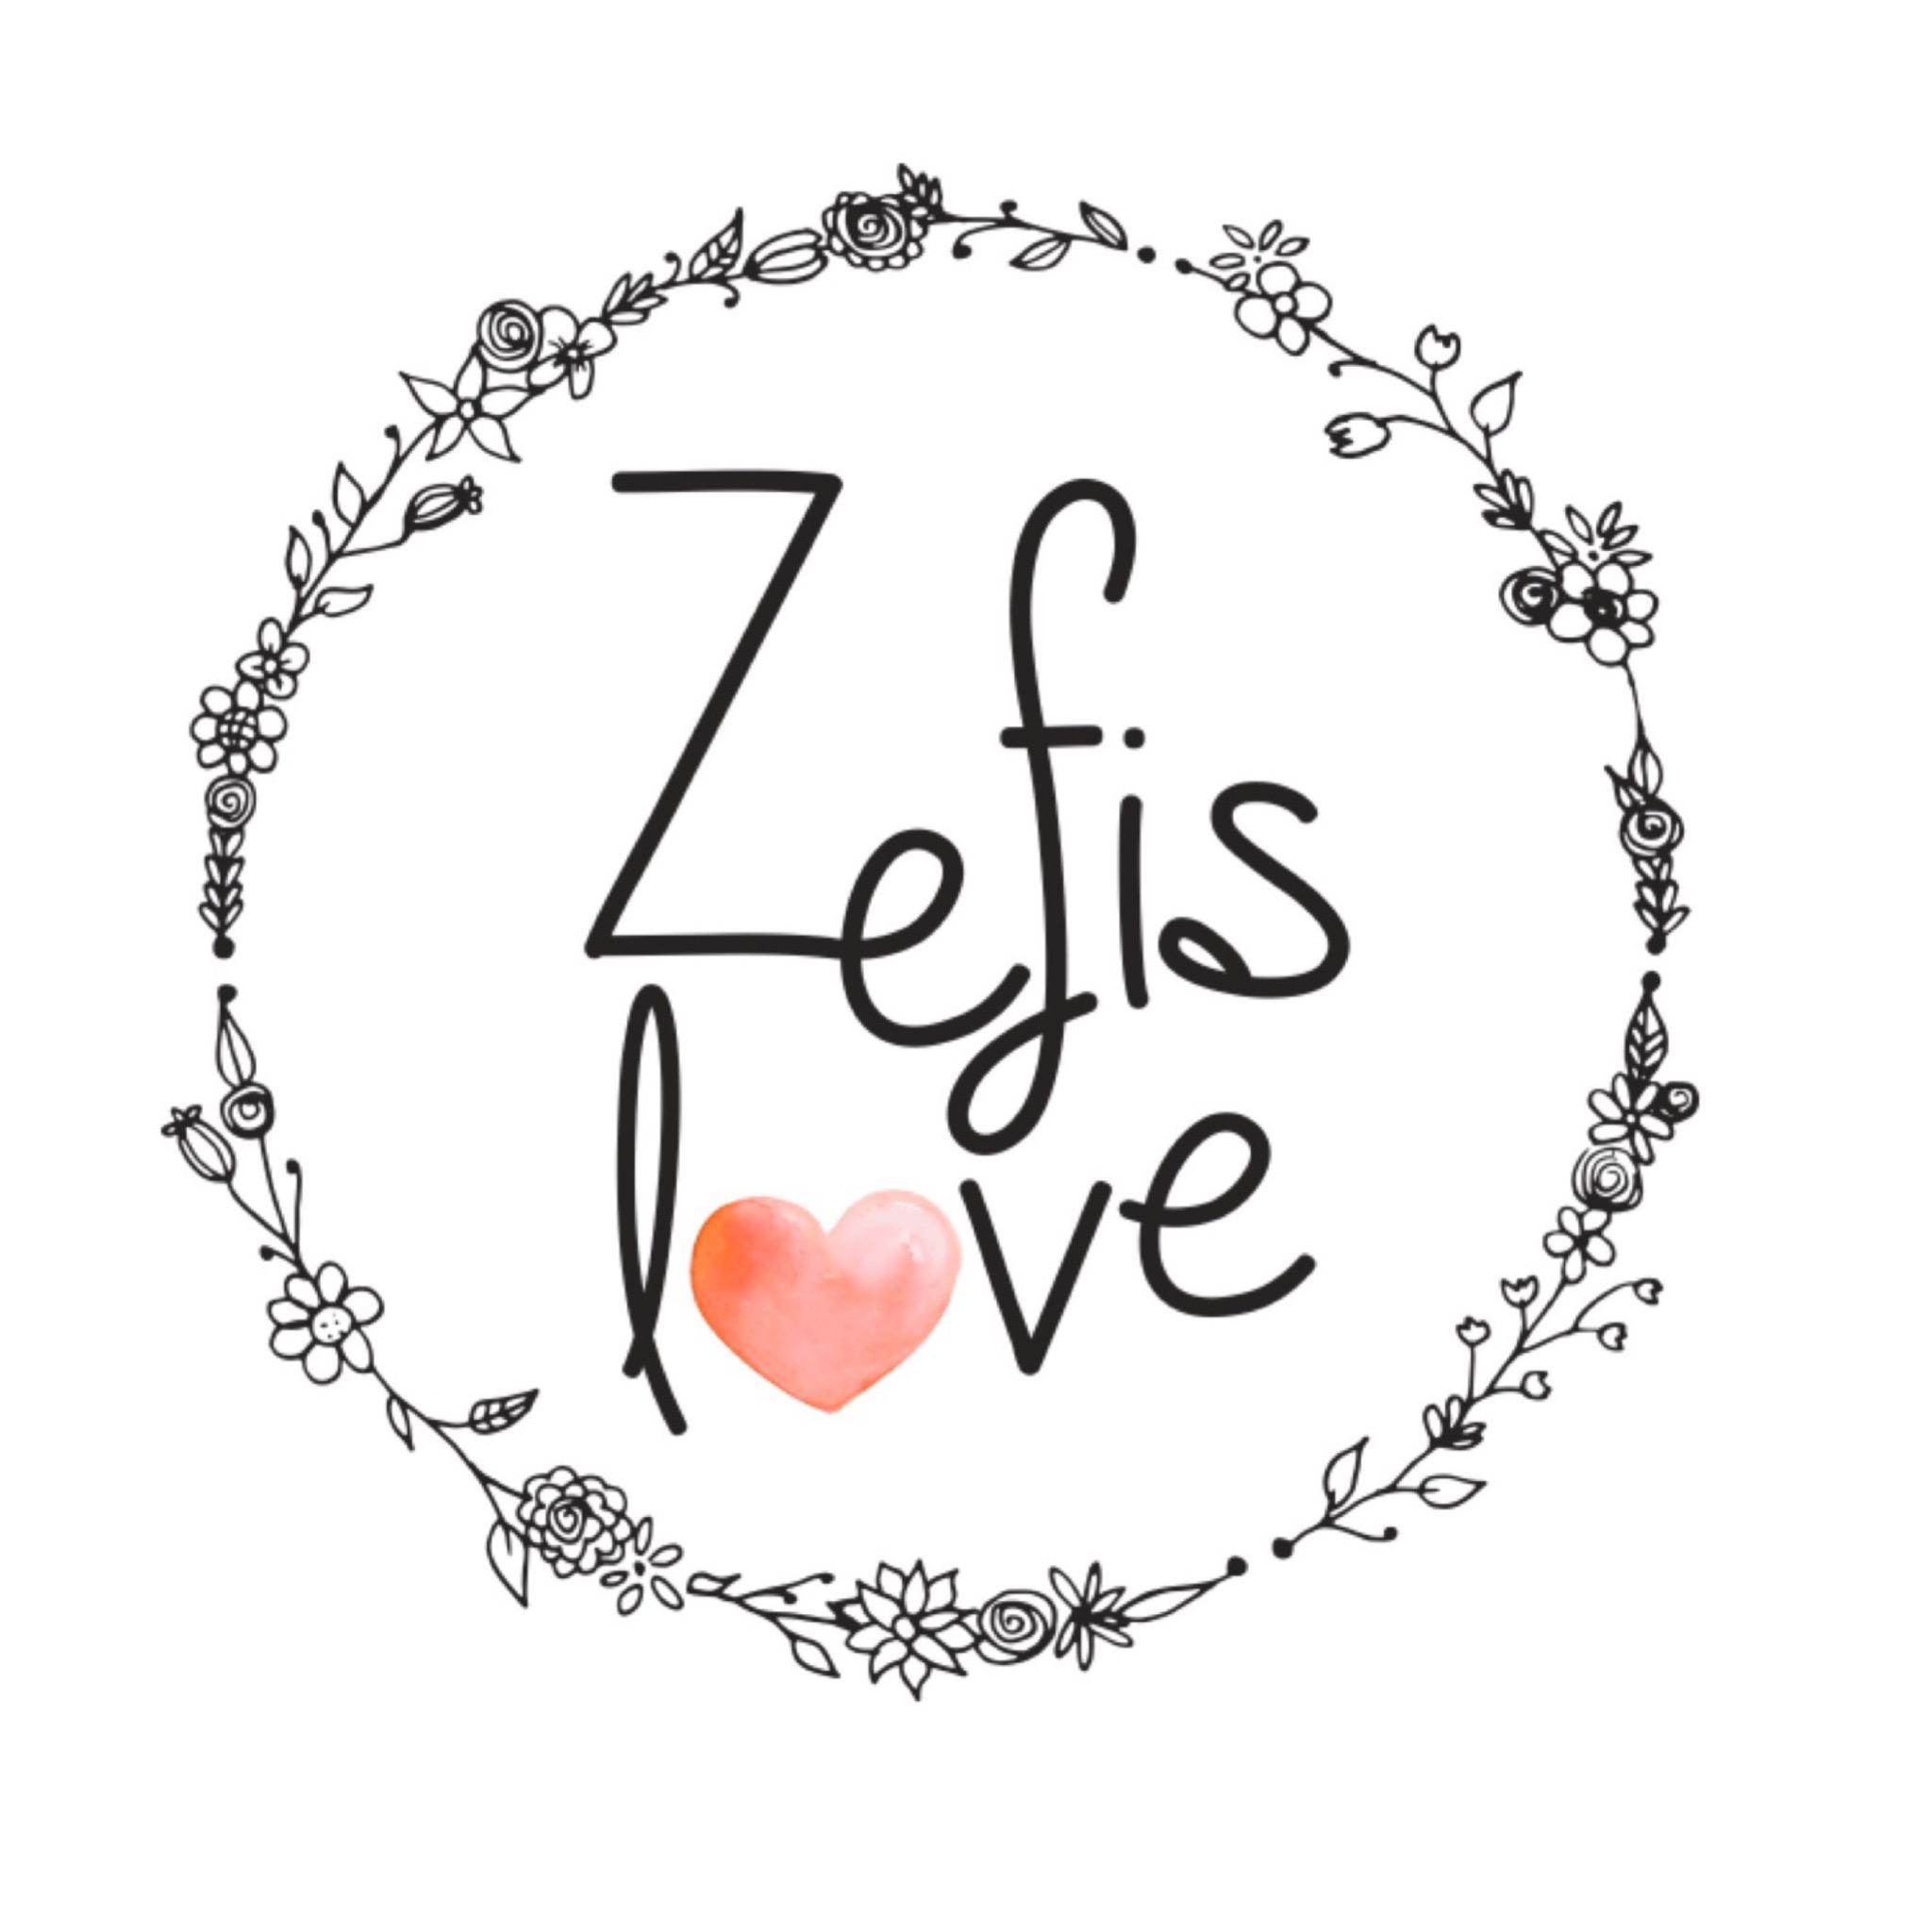 zefislove